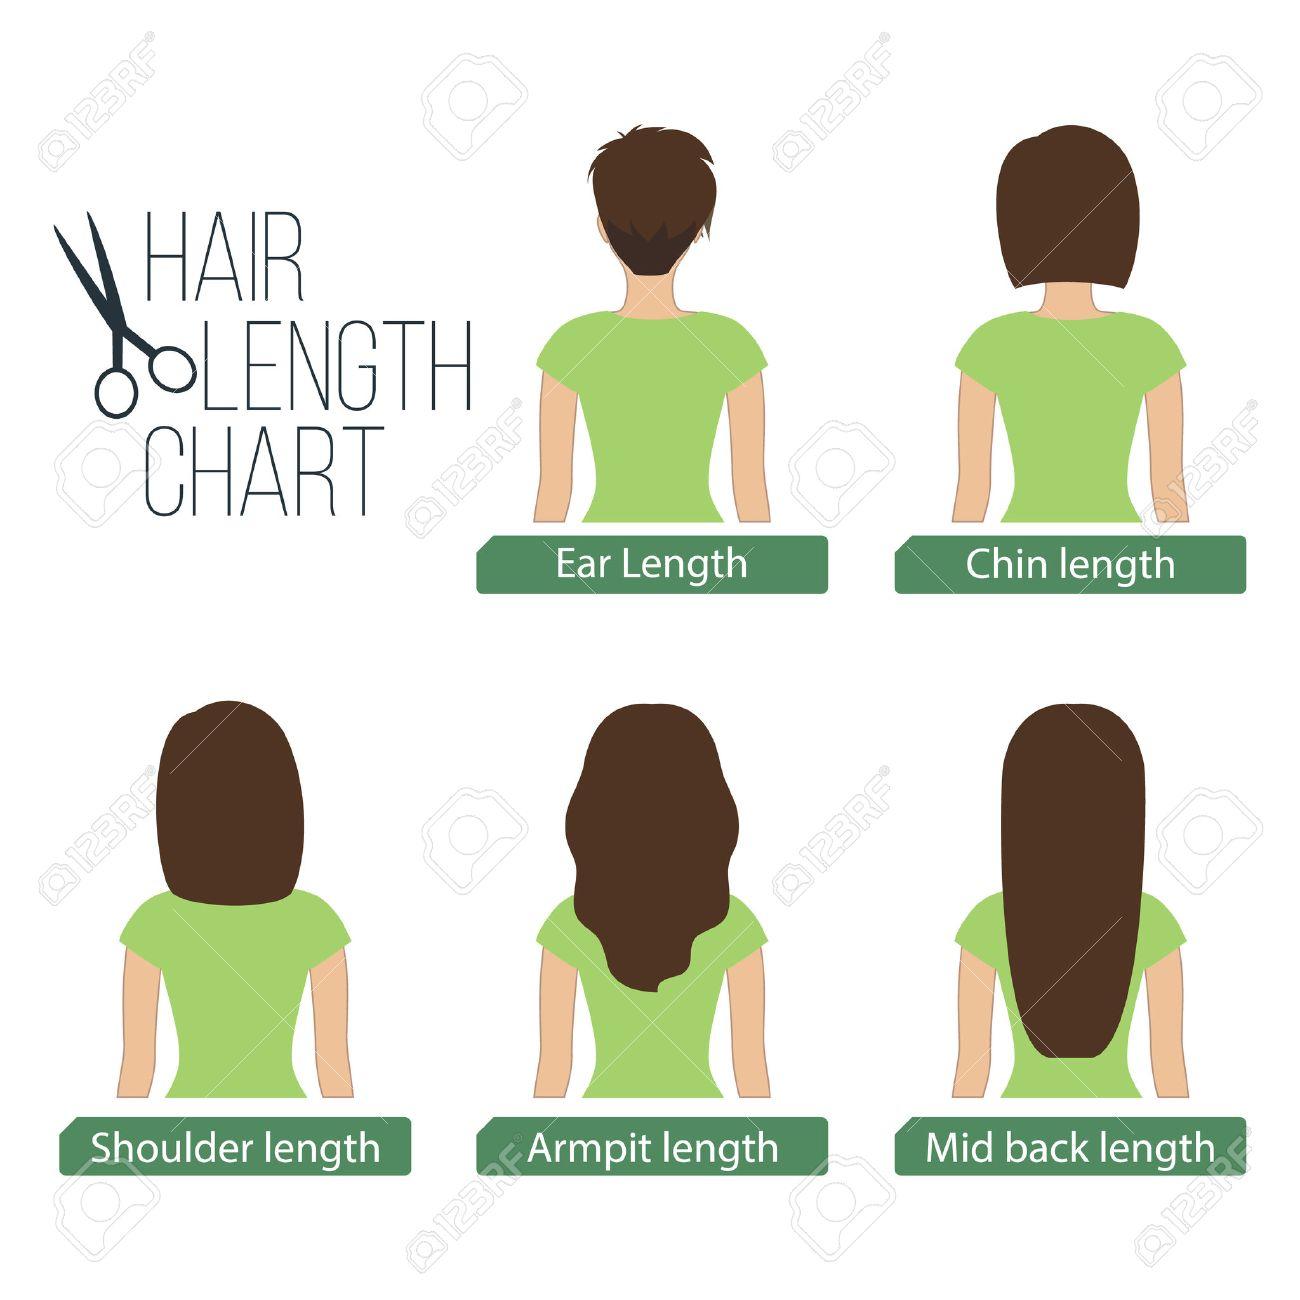 La Longueur Des Cheveux En Arriere Tableau D Affichage 5 Longueurs De Cheveux Differentes Clip Art Libres De Droits Vecteurs Et Illustration Image 60173175